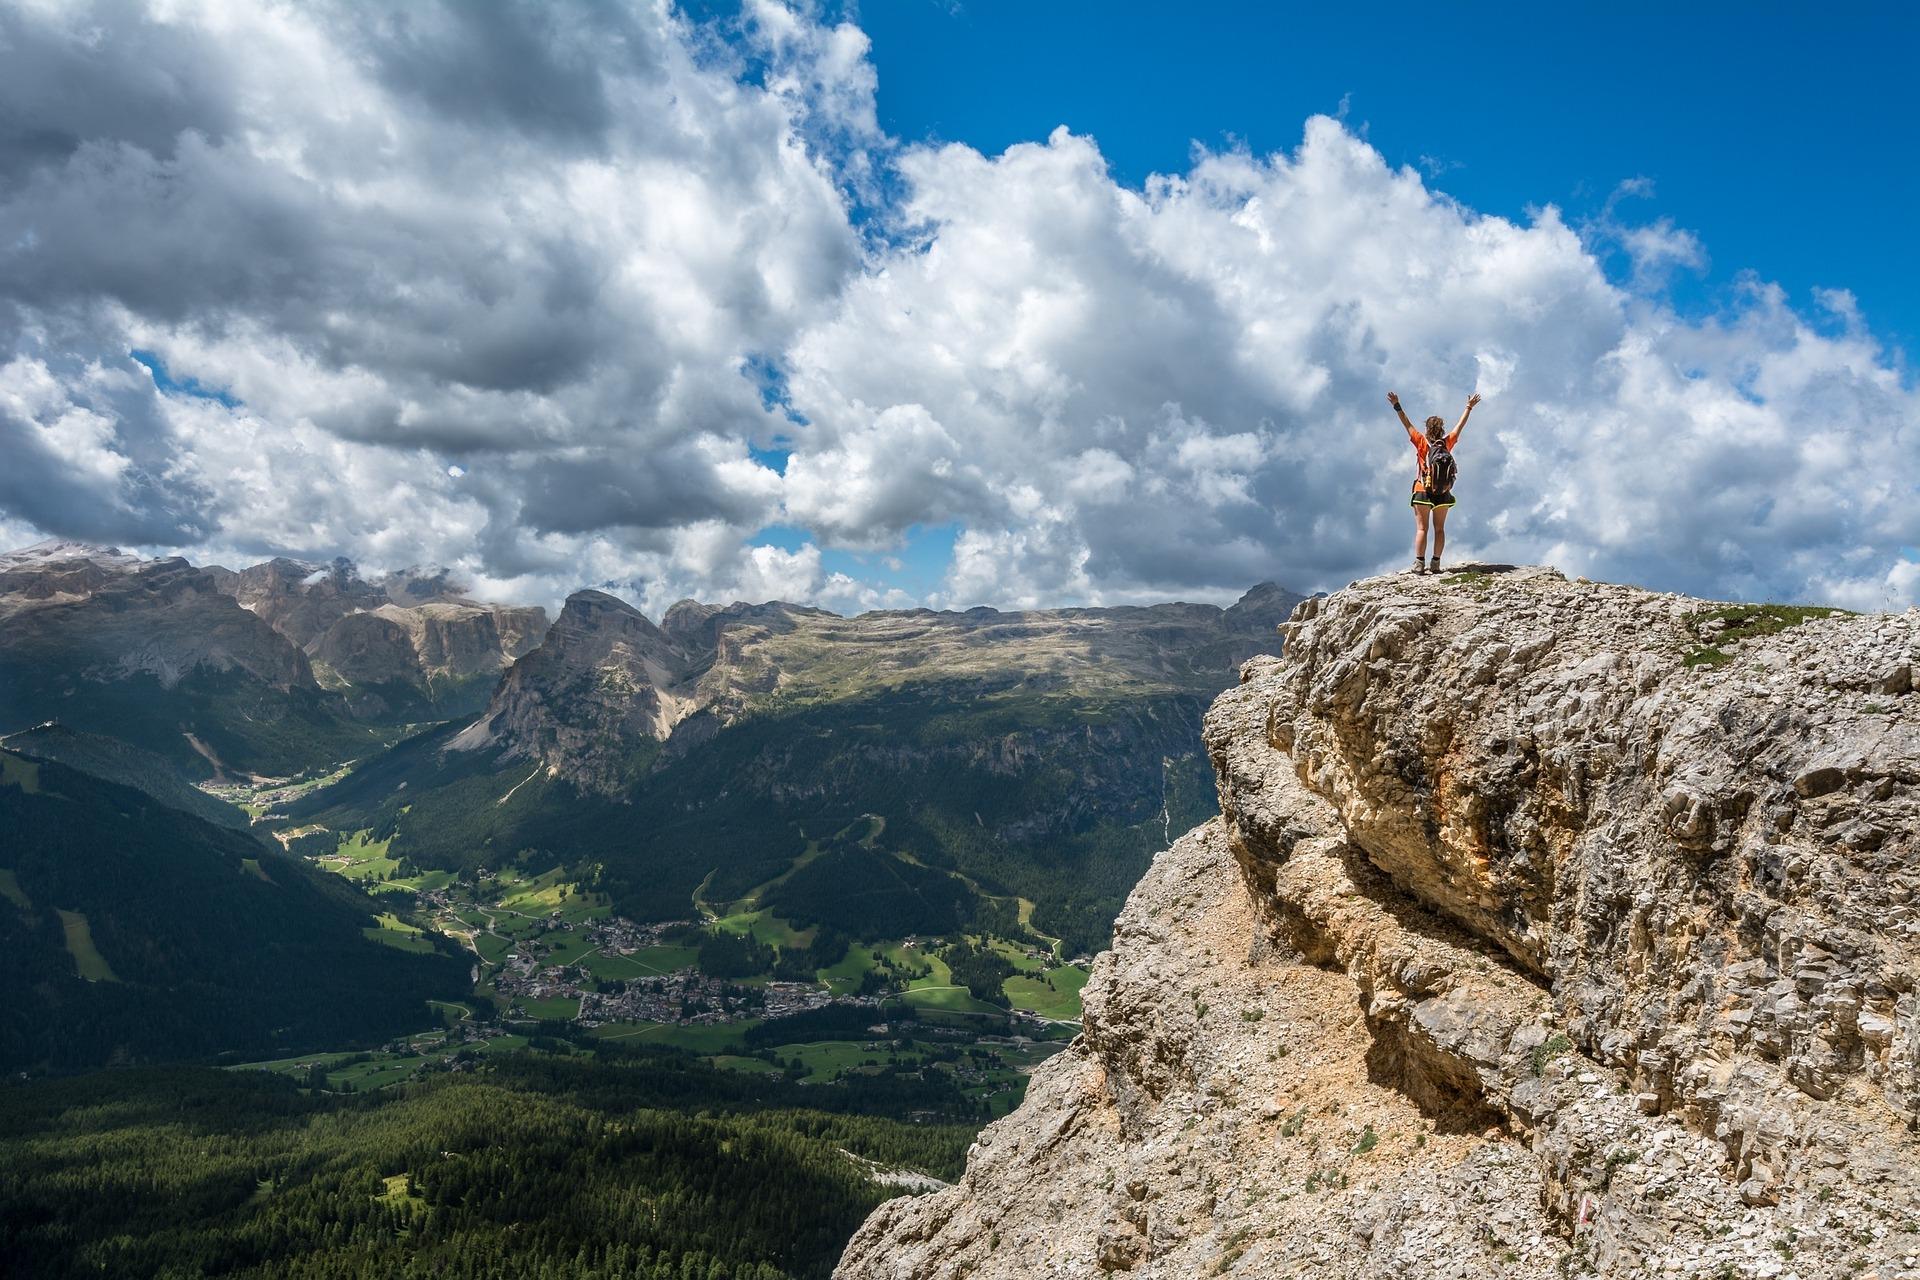 Cilj je samo destinacija putovnanja, 99% je proces dolaska do cilja. Navika i osobina uspješnih